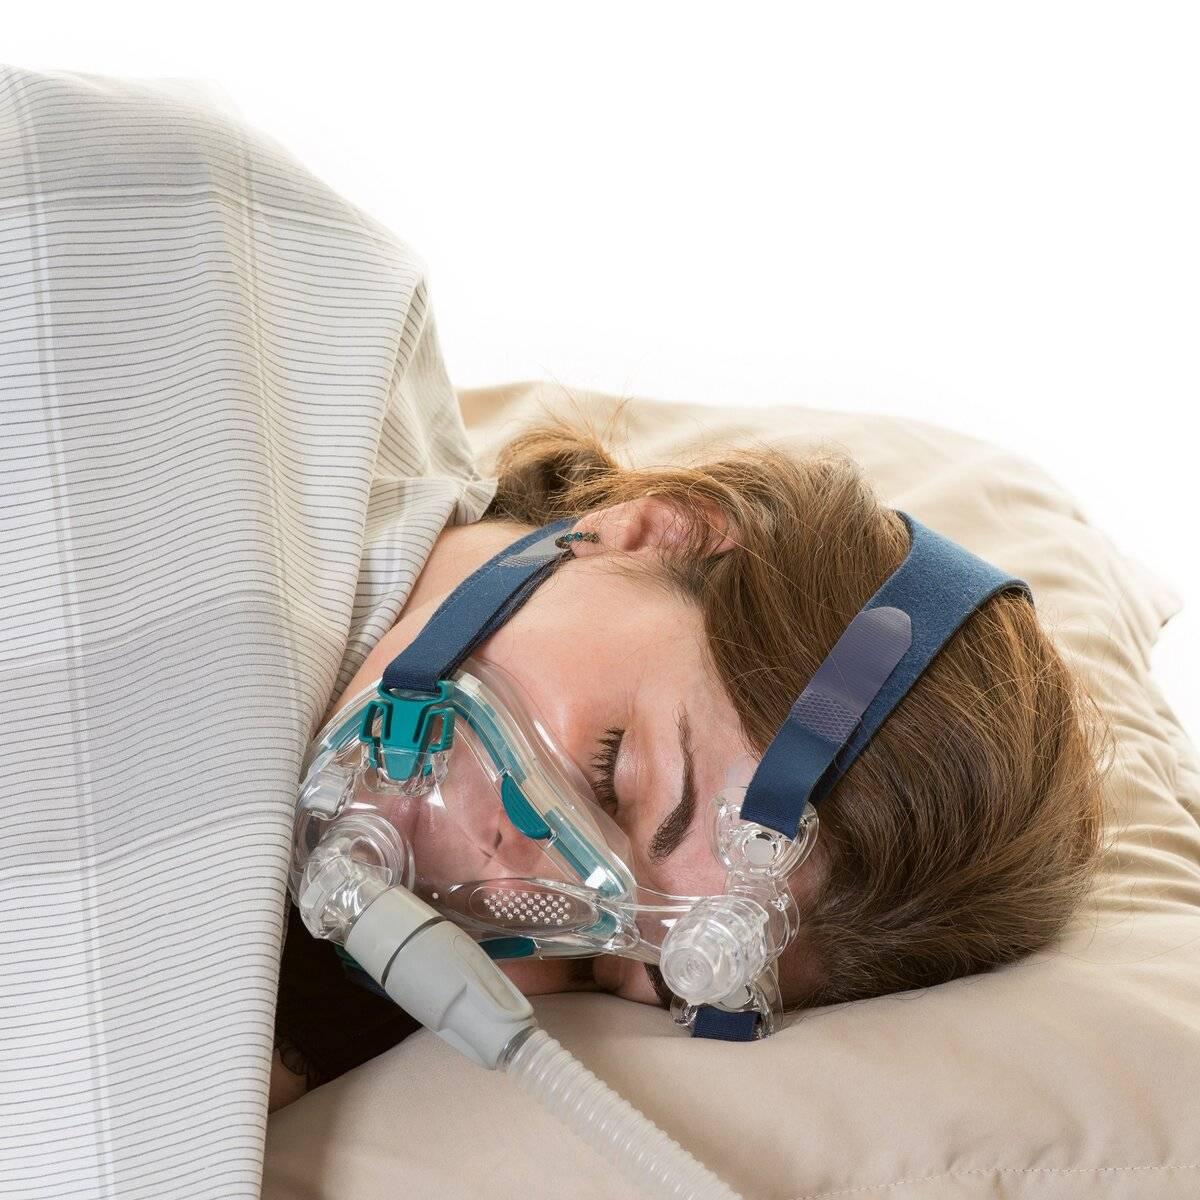 Сипап-терапия – самый эффективный метод устранения храпа и апноэ сна с первой ночи лечения   buzunov.ru